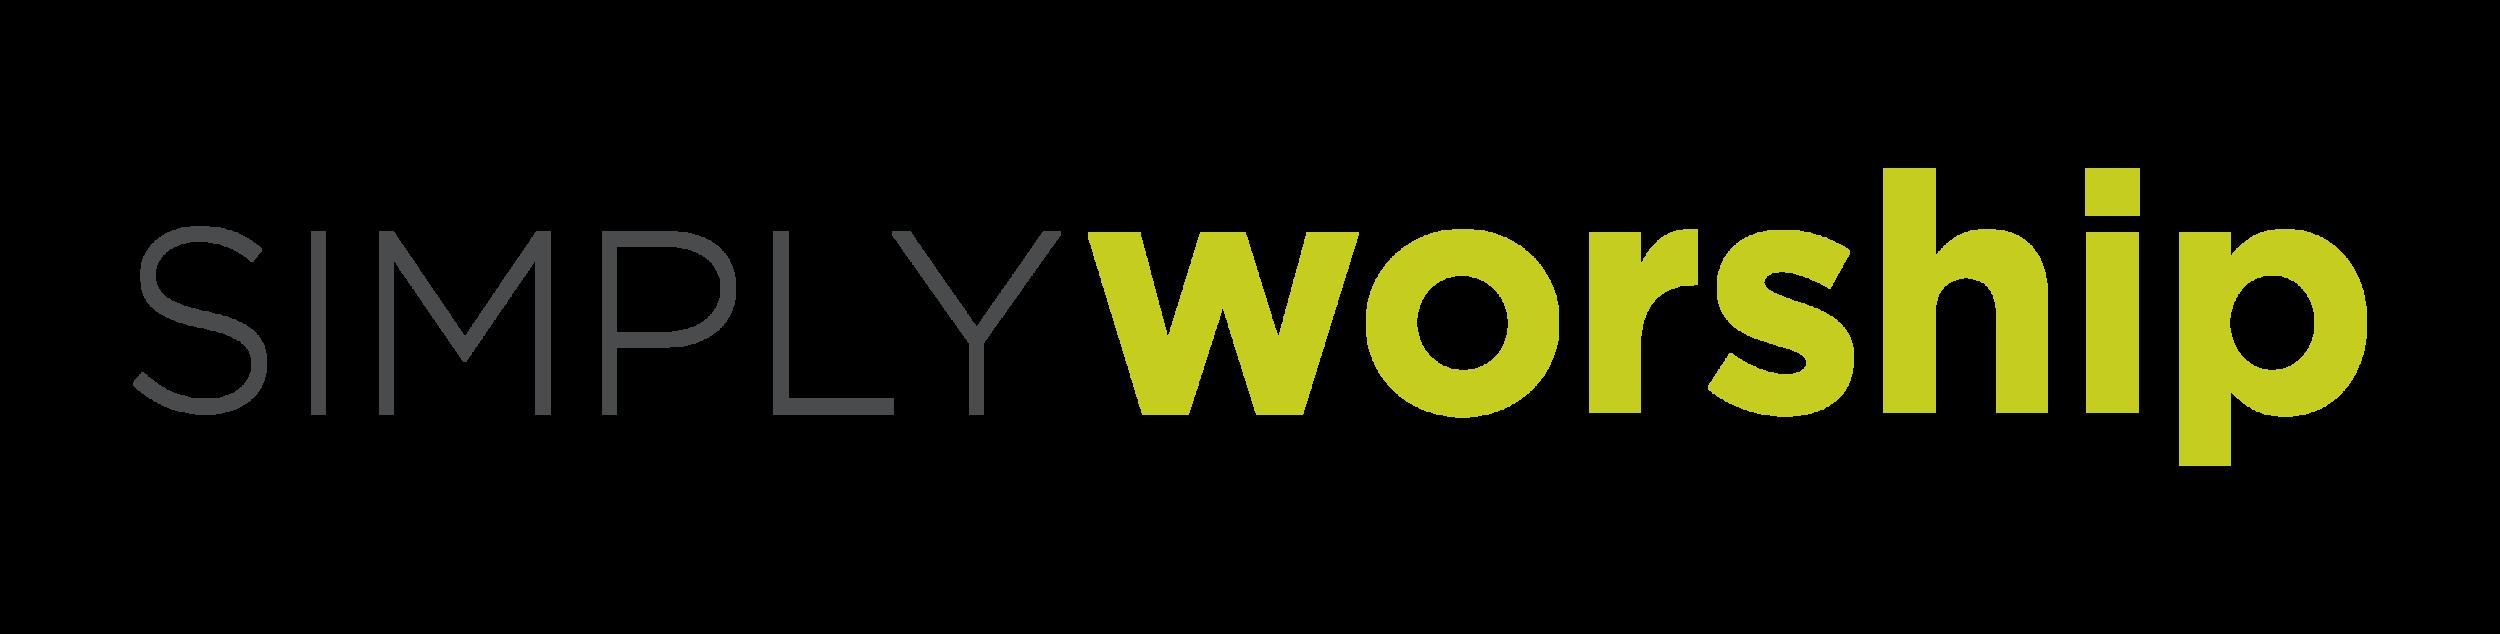 SimplyWorship Branding FINAL-FullColor.png